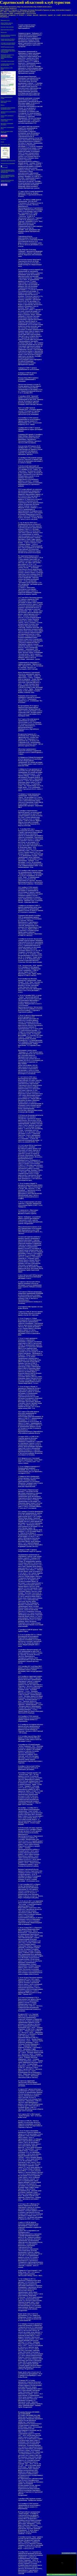 Предпросмотр для saratov-tur.narod.ru — Саратовский областной клуб туристов